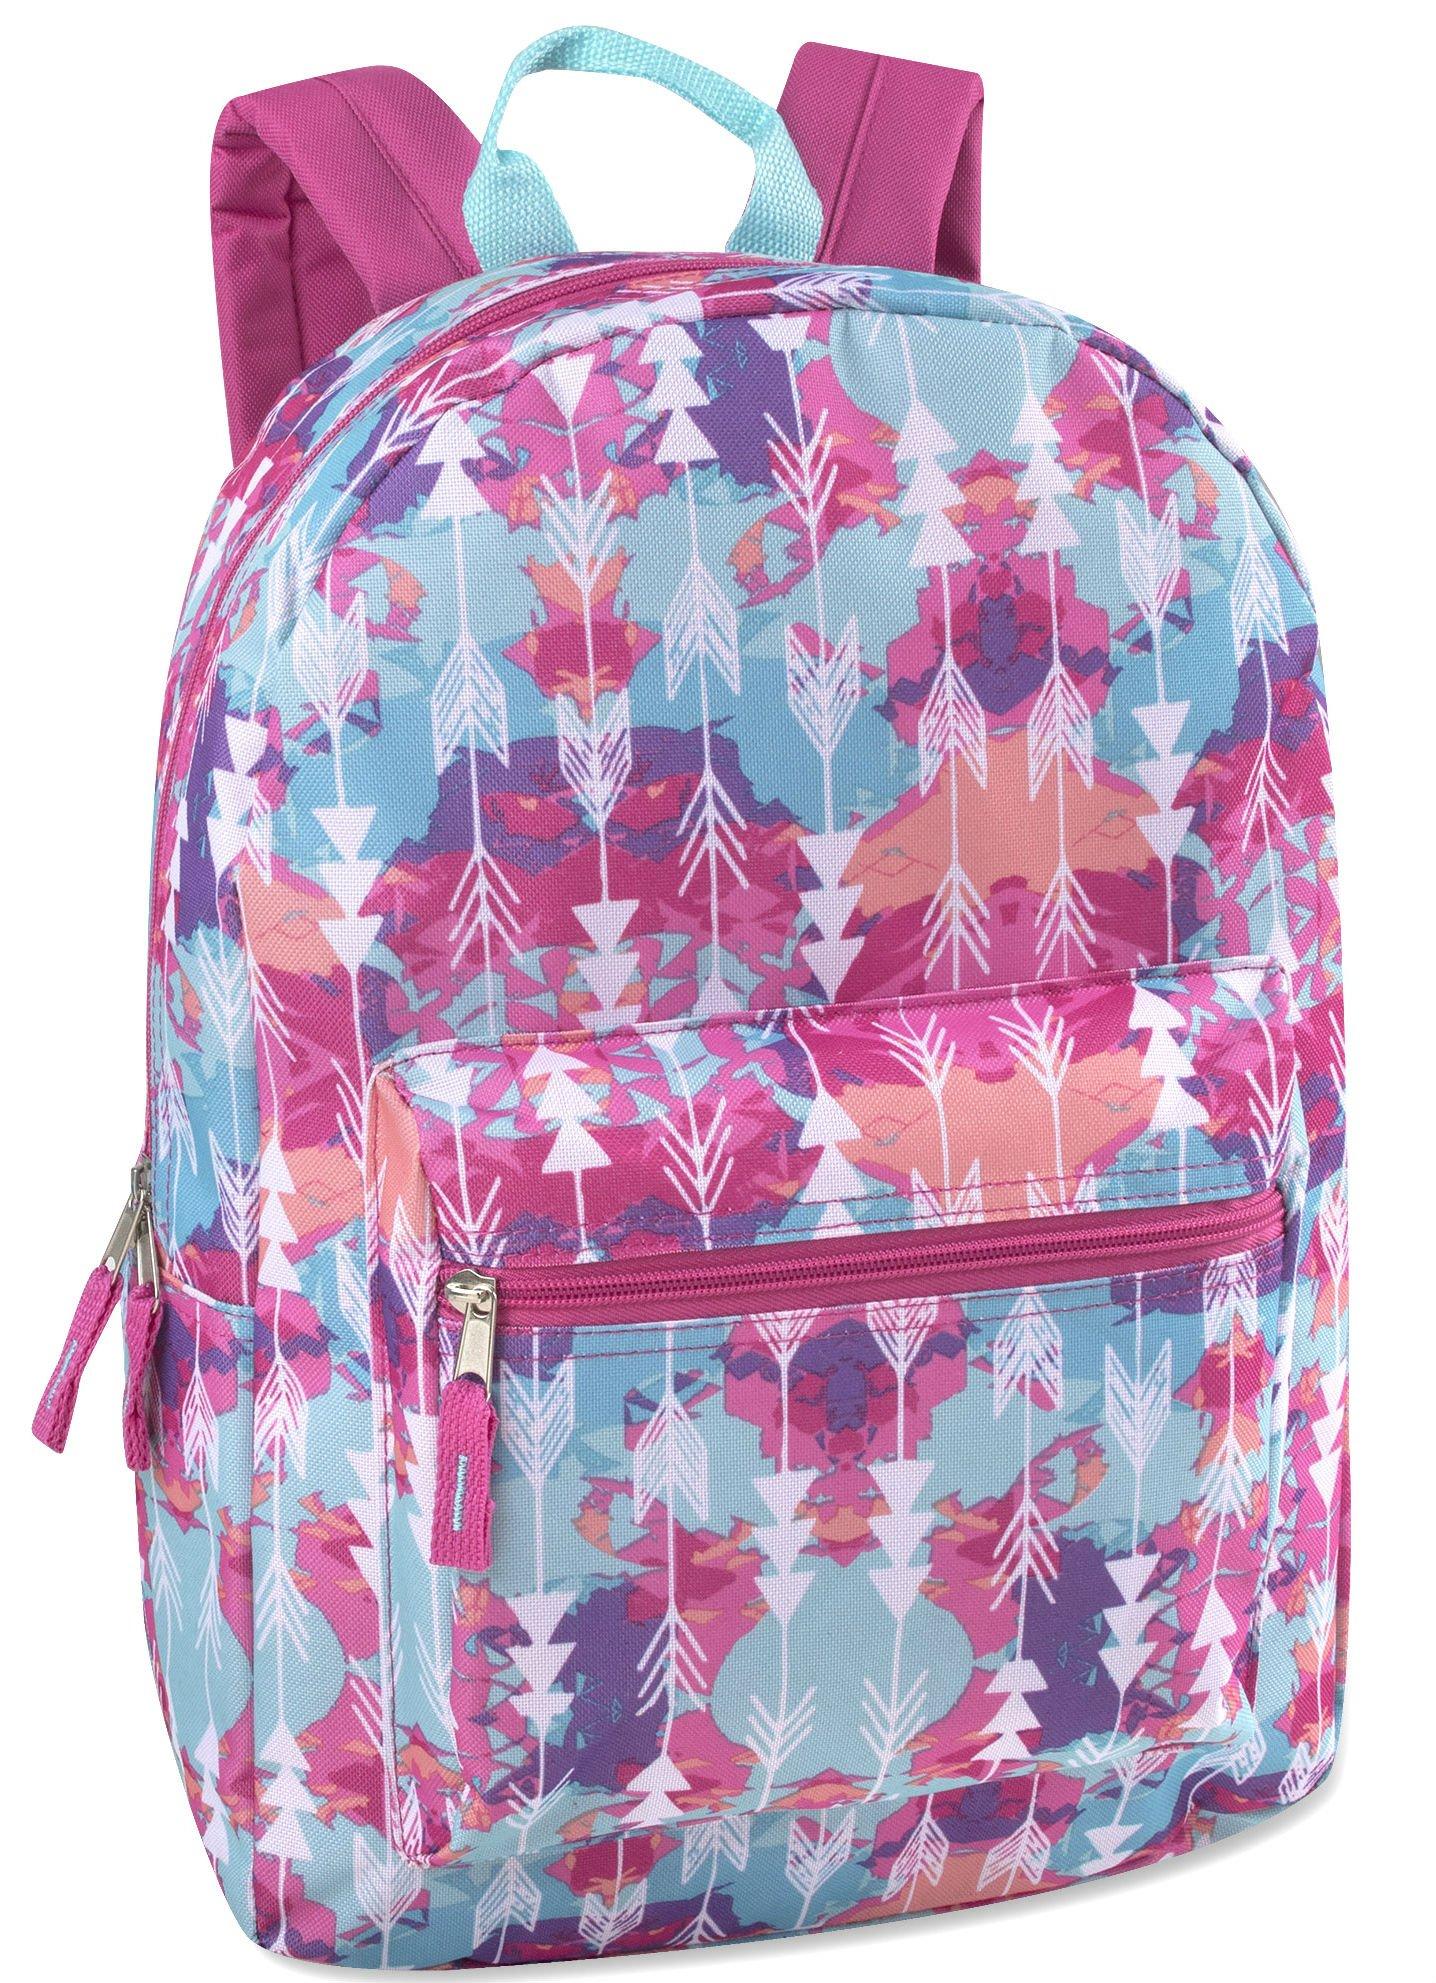 17'' Trailmaker Backpack Bookbag - aztec 4615